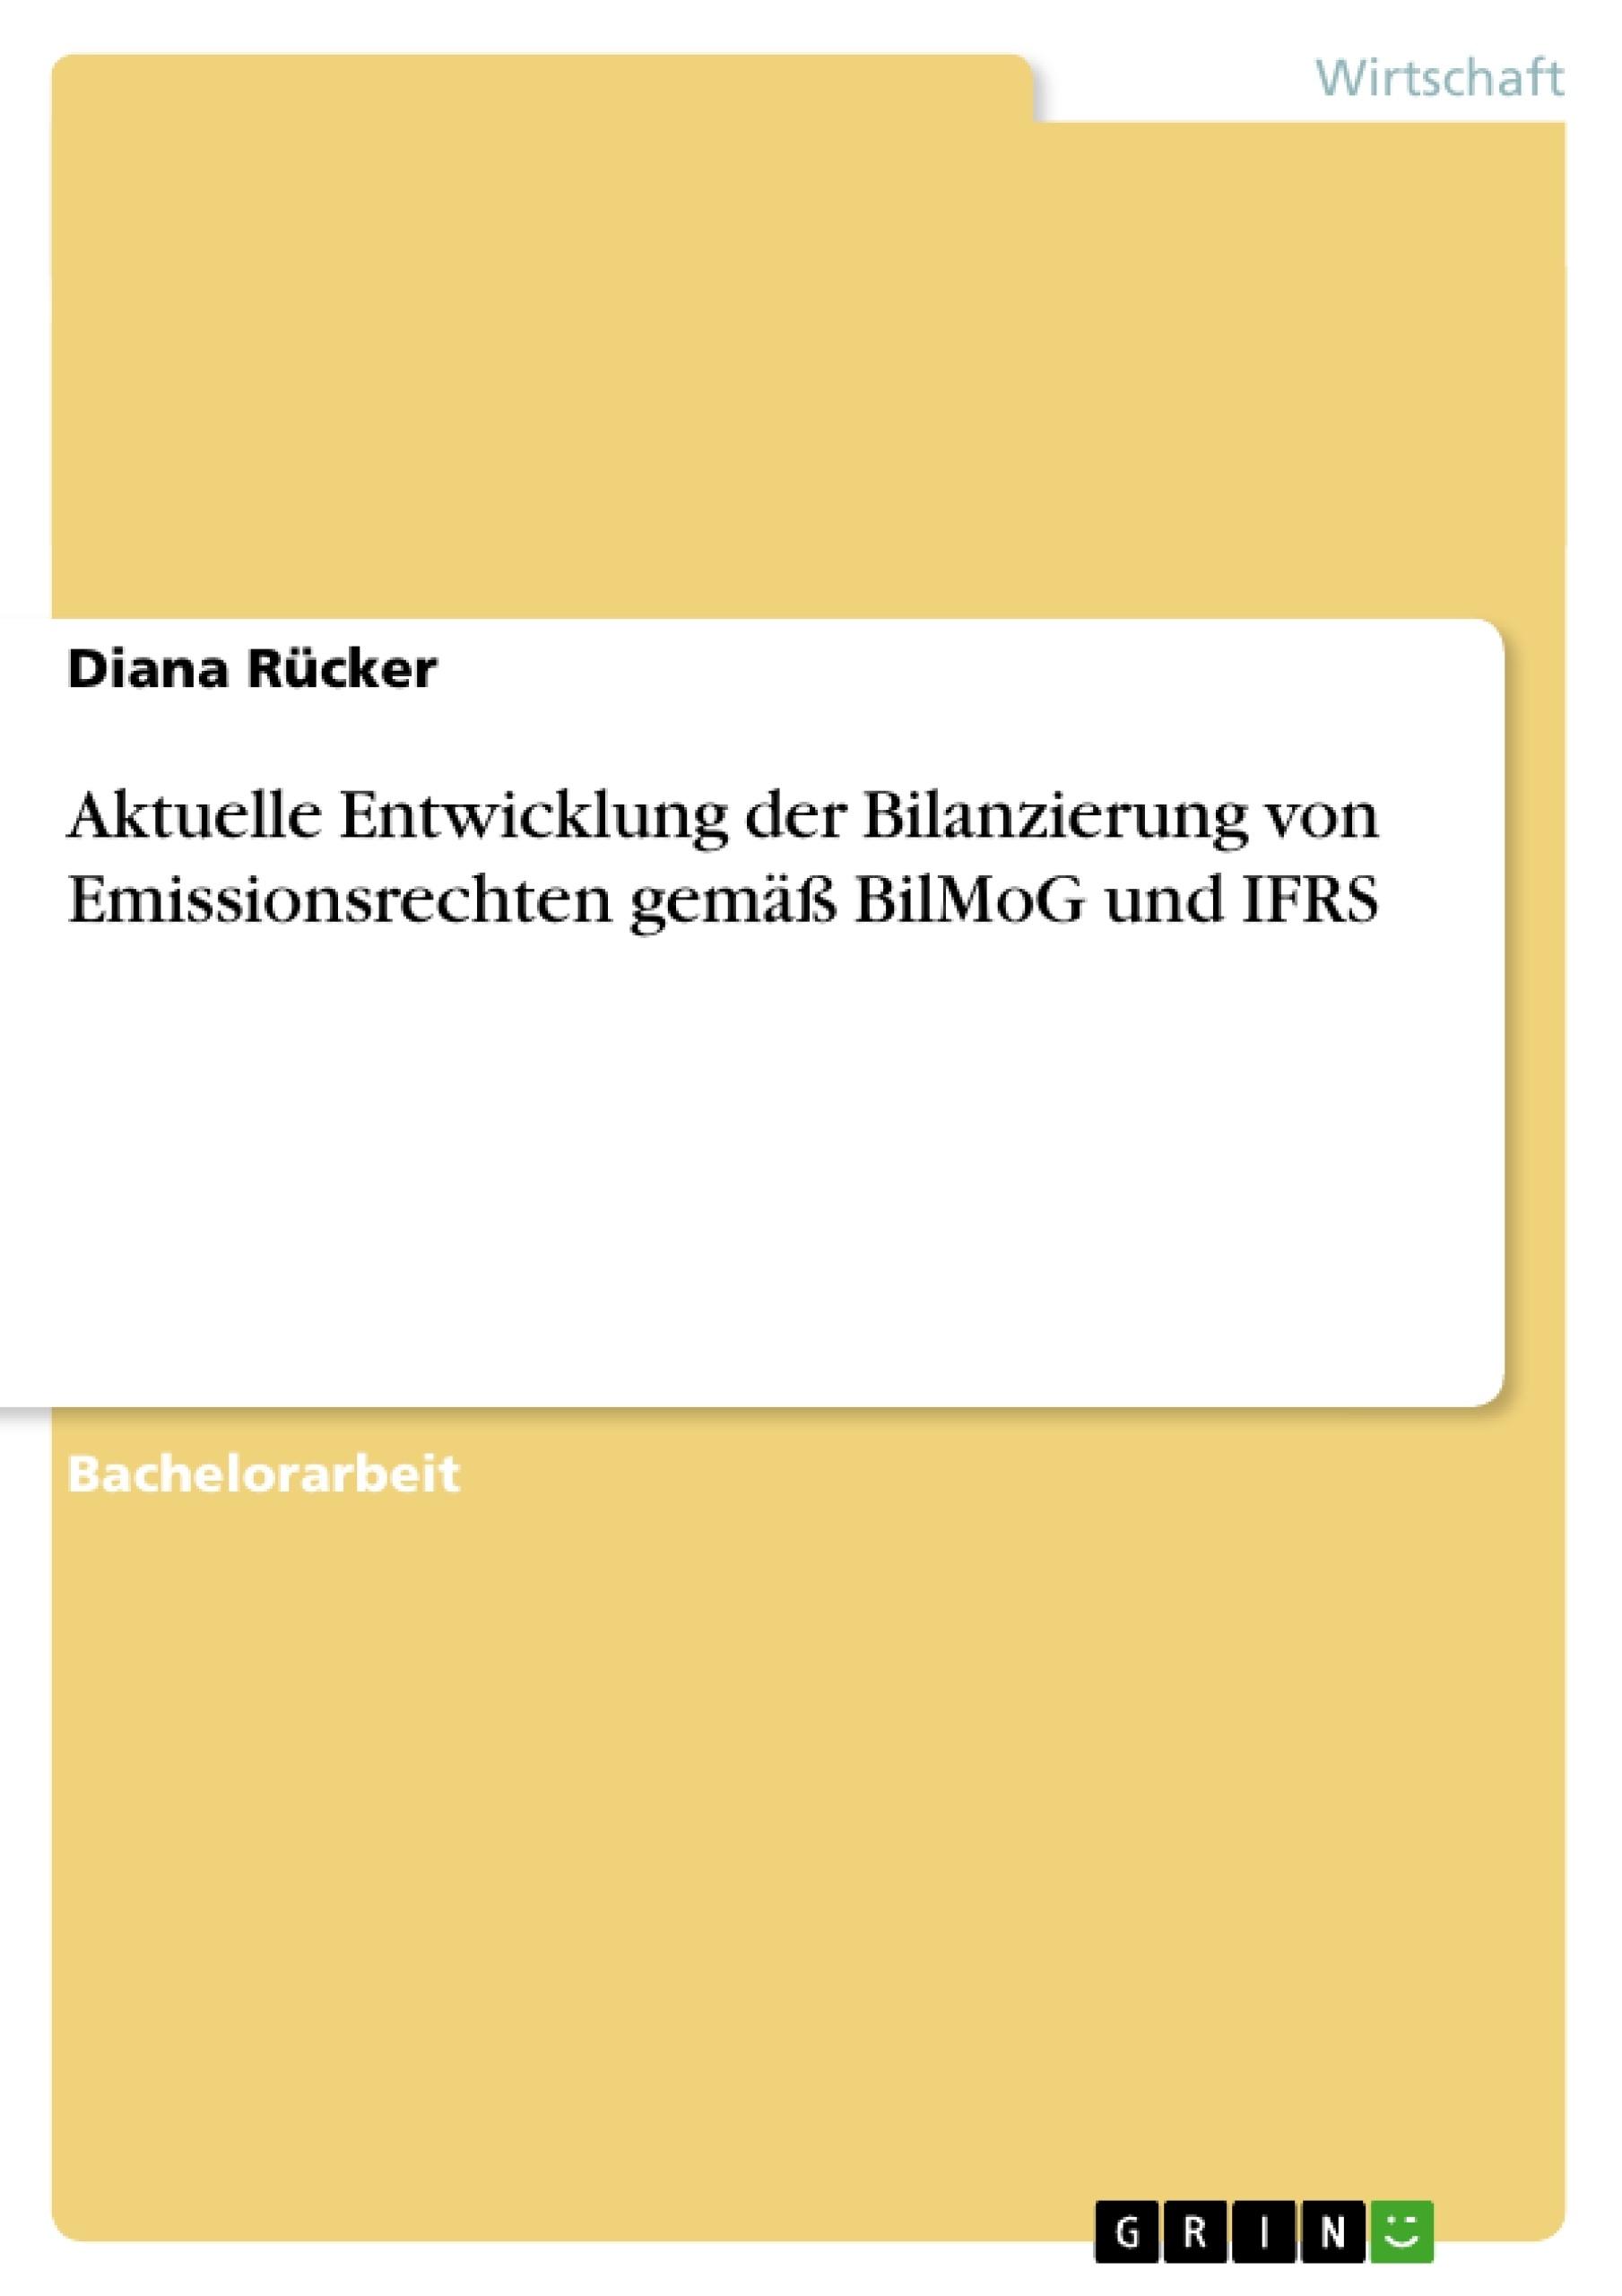 Titel: Aktuelle Entwicklung der Bilanzierung von Emissionsrechten gemäß BilMoG und IFRS